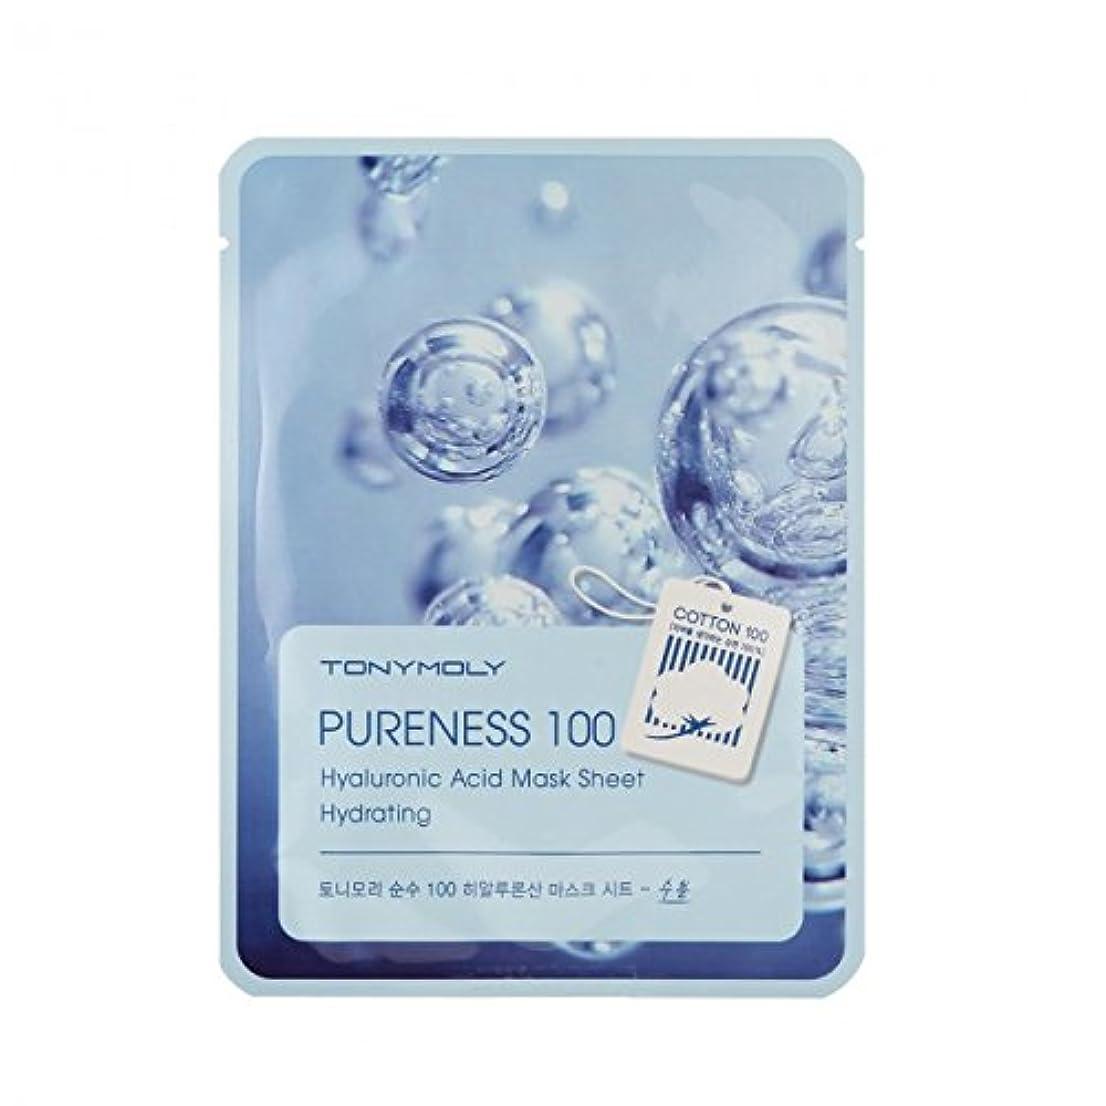 歪める達成曇ったTONYMOLY Pureness 100 Hyaluronic Acid Mask Sheet Hydrating (並行輸入品)